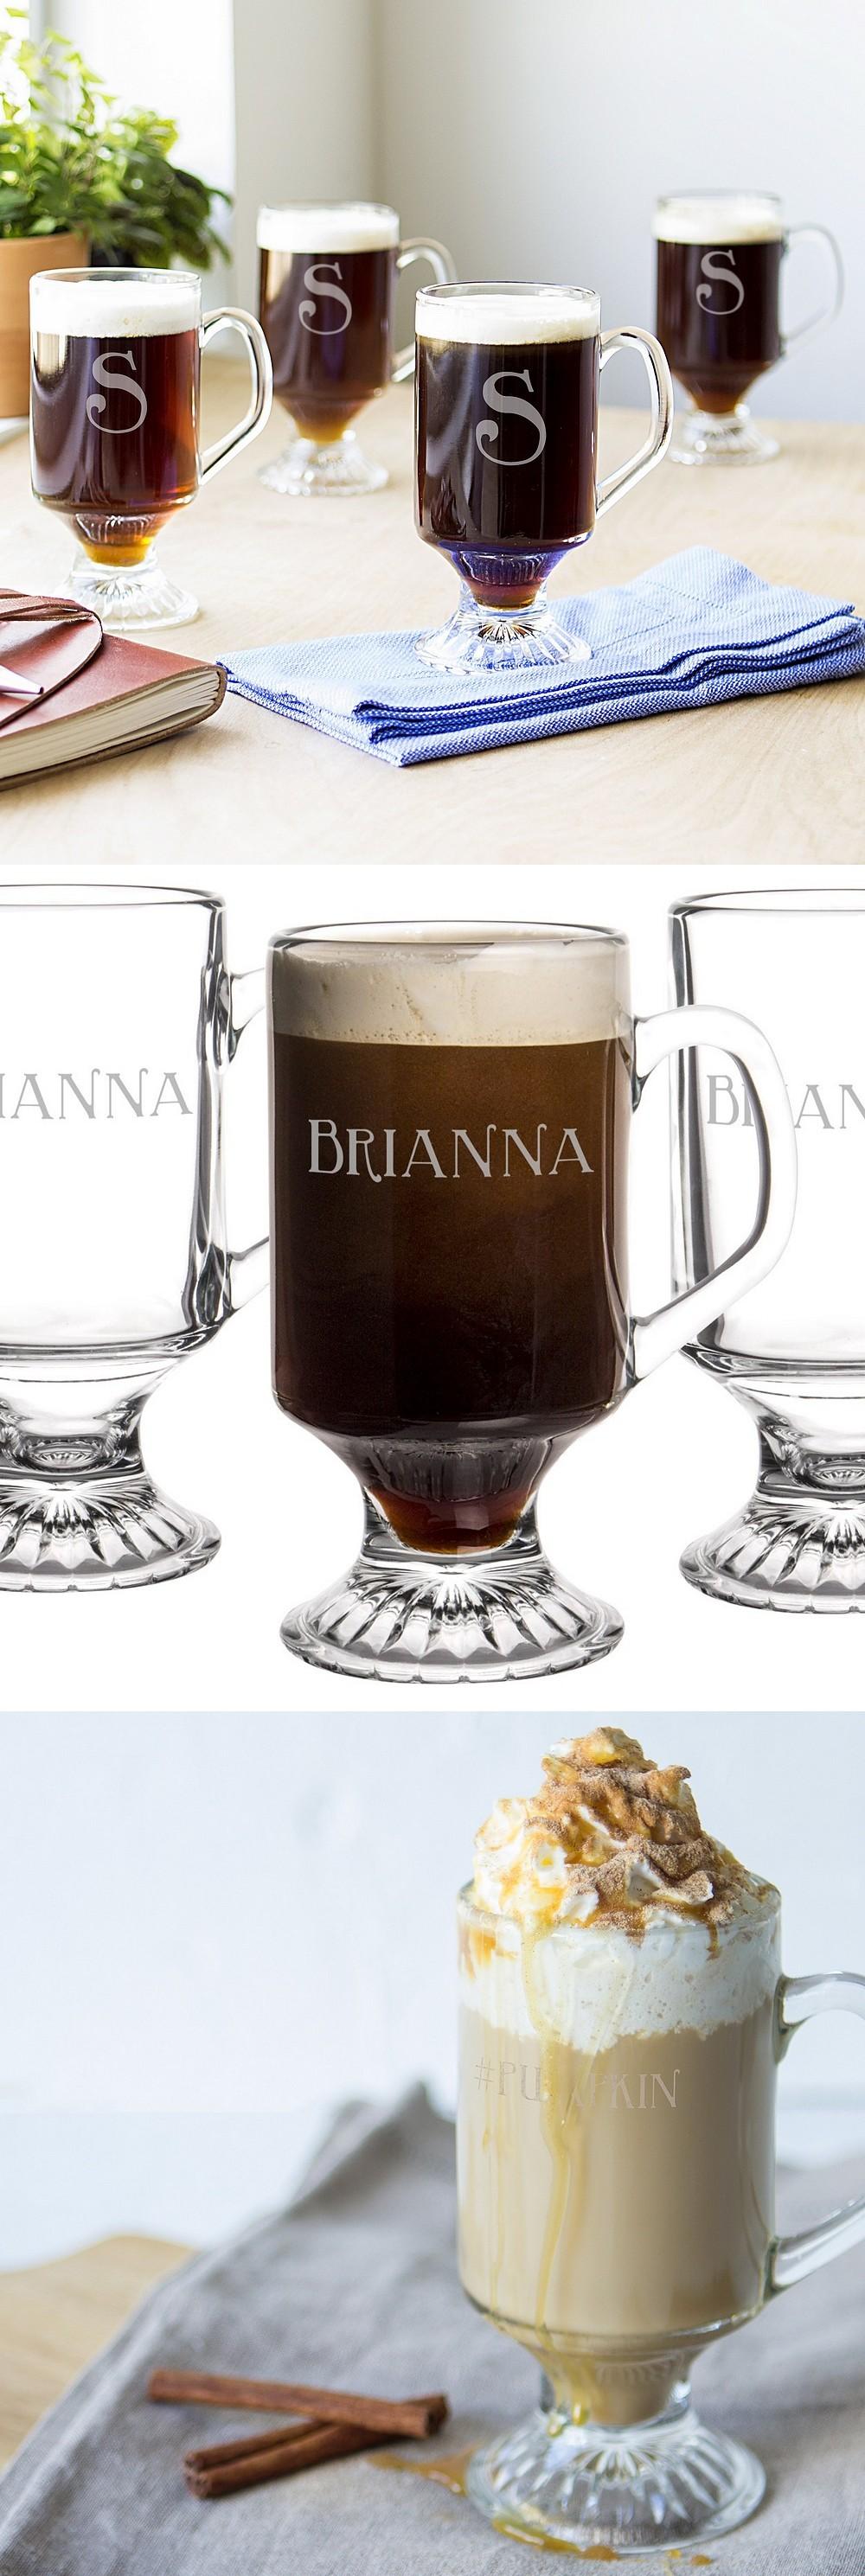 4 Pc. Personalized 10 Oz. Glass Irish Coffee Mug Set